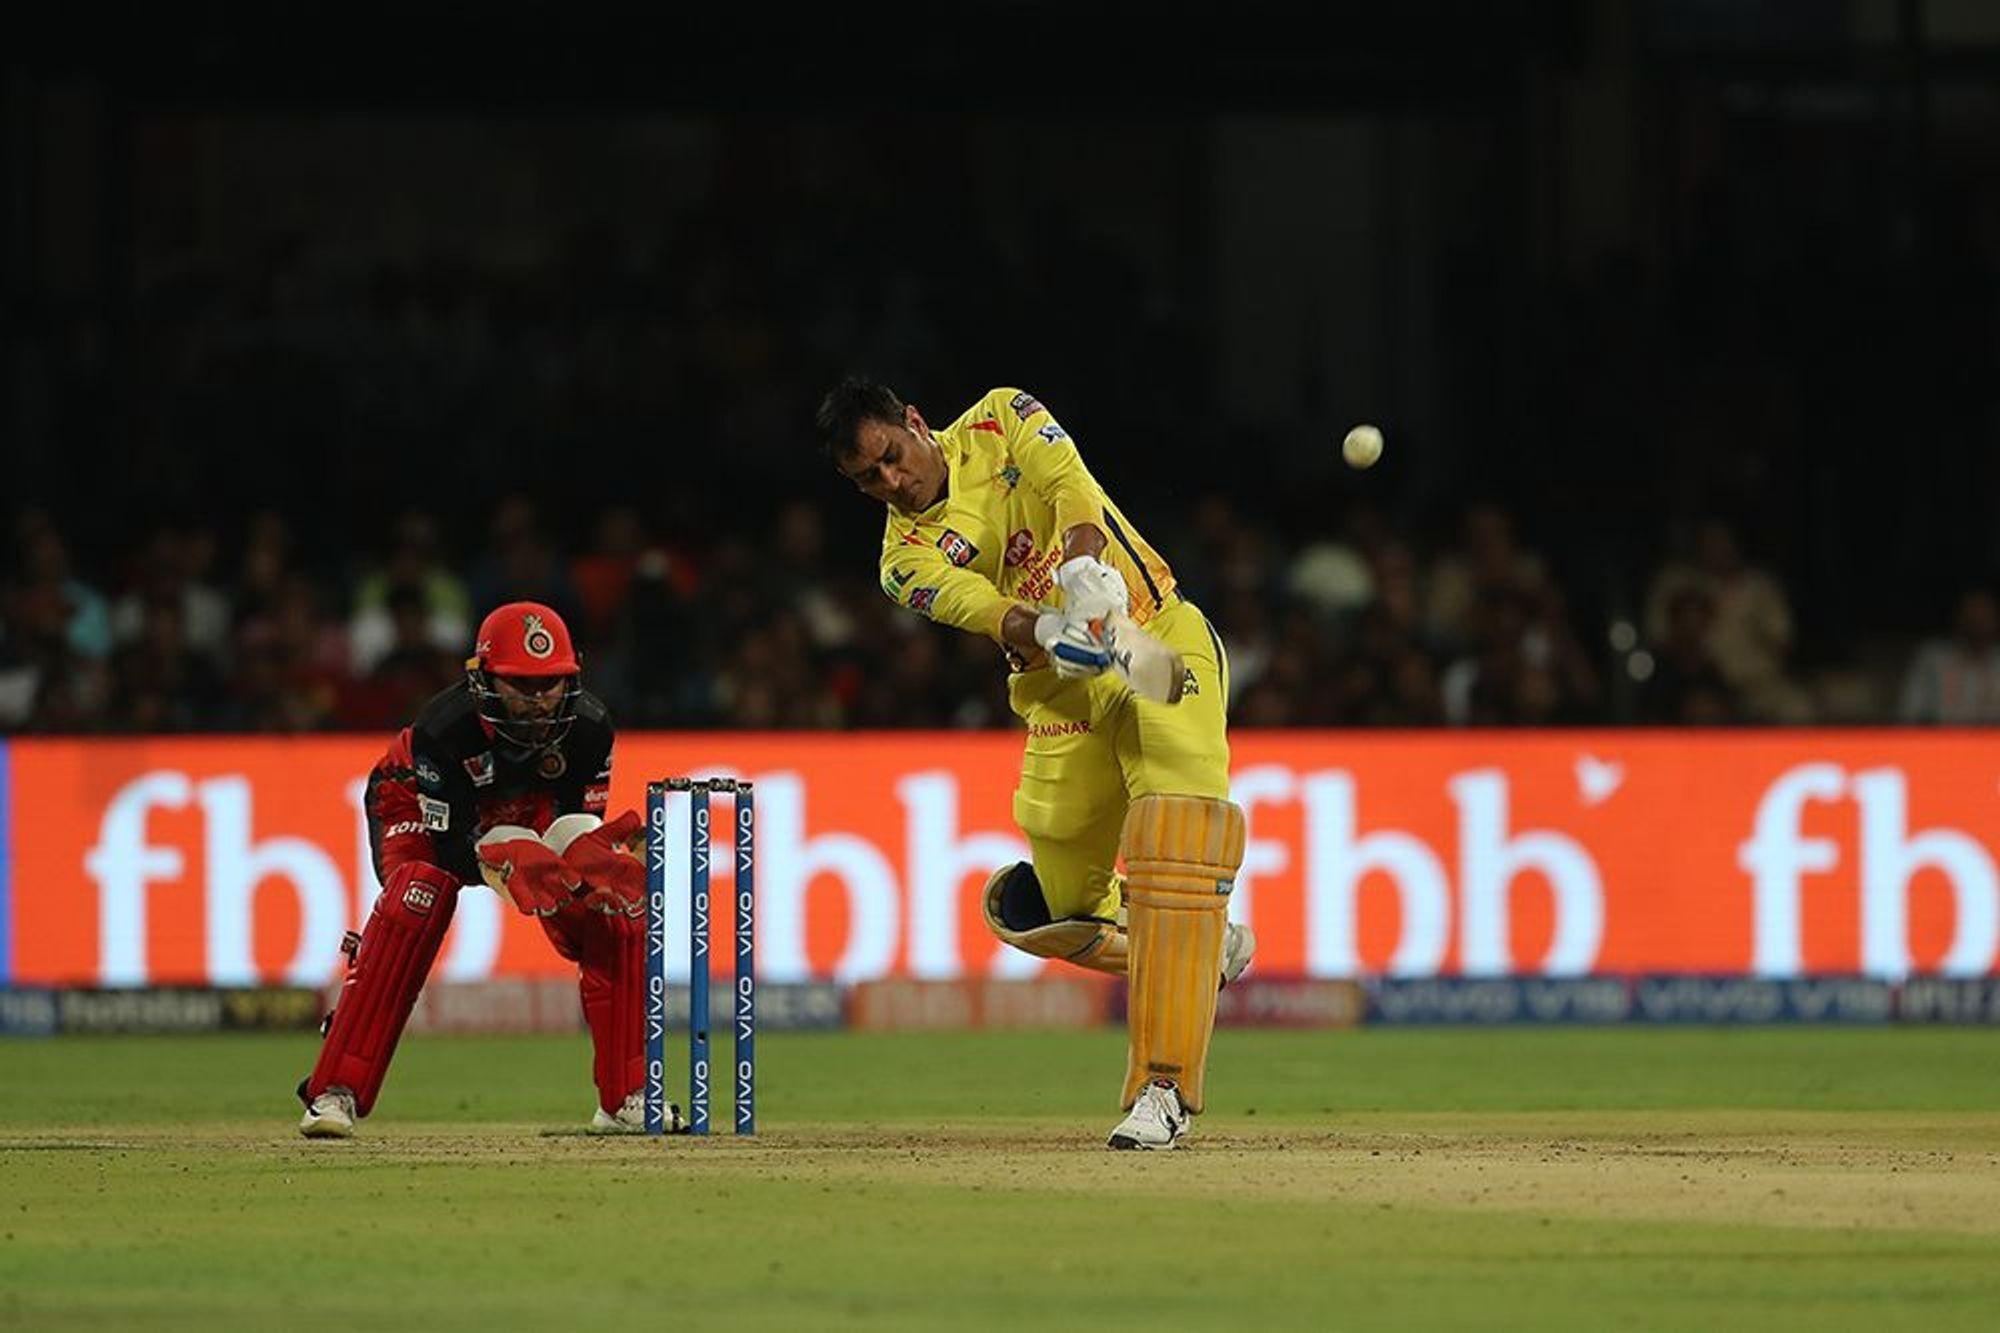 आईपीएल 2019: महेंद्र सिंह धोनी ने बताया की क्यों ड्वेन ब्रावो को नही दे रहे थे स्ट्राइक 1